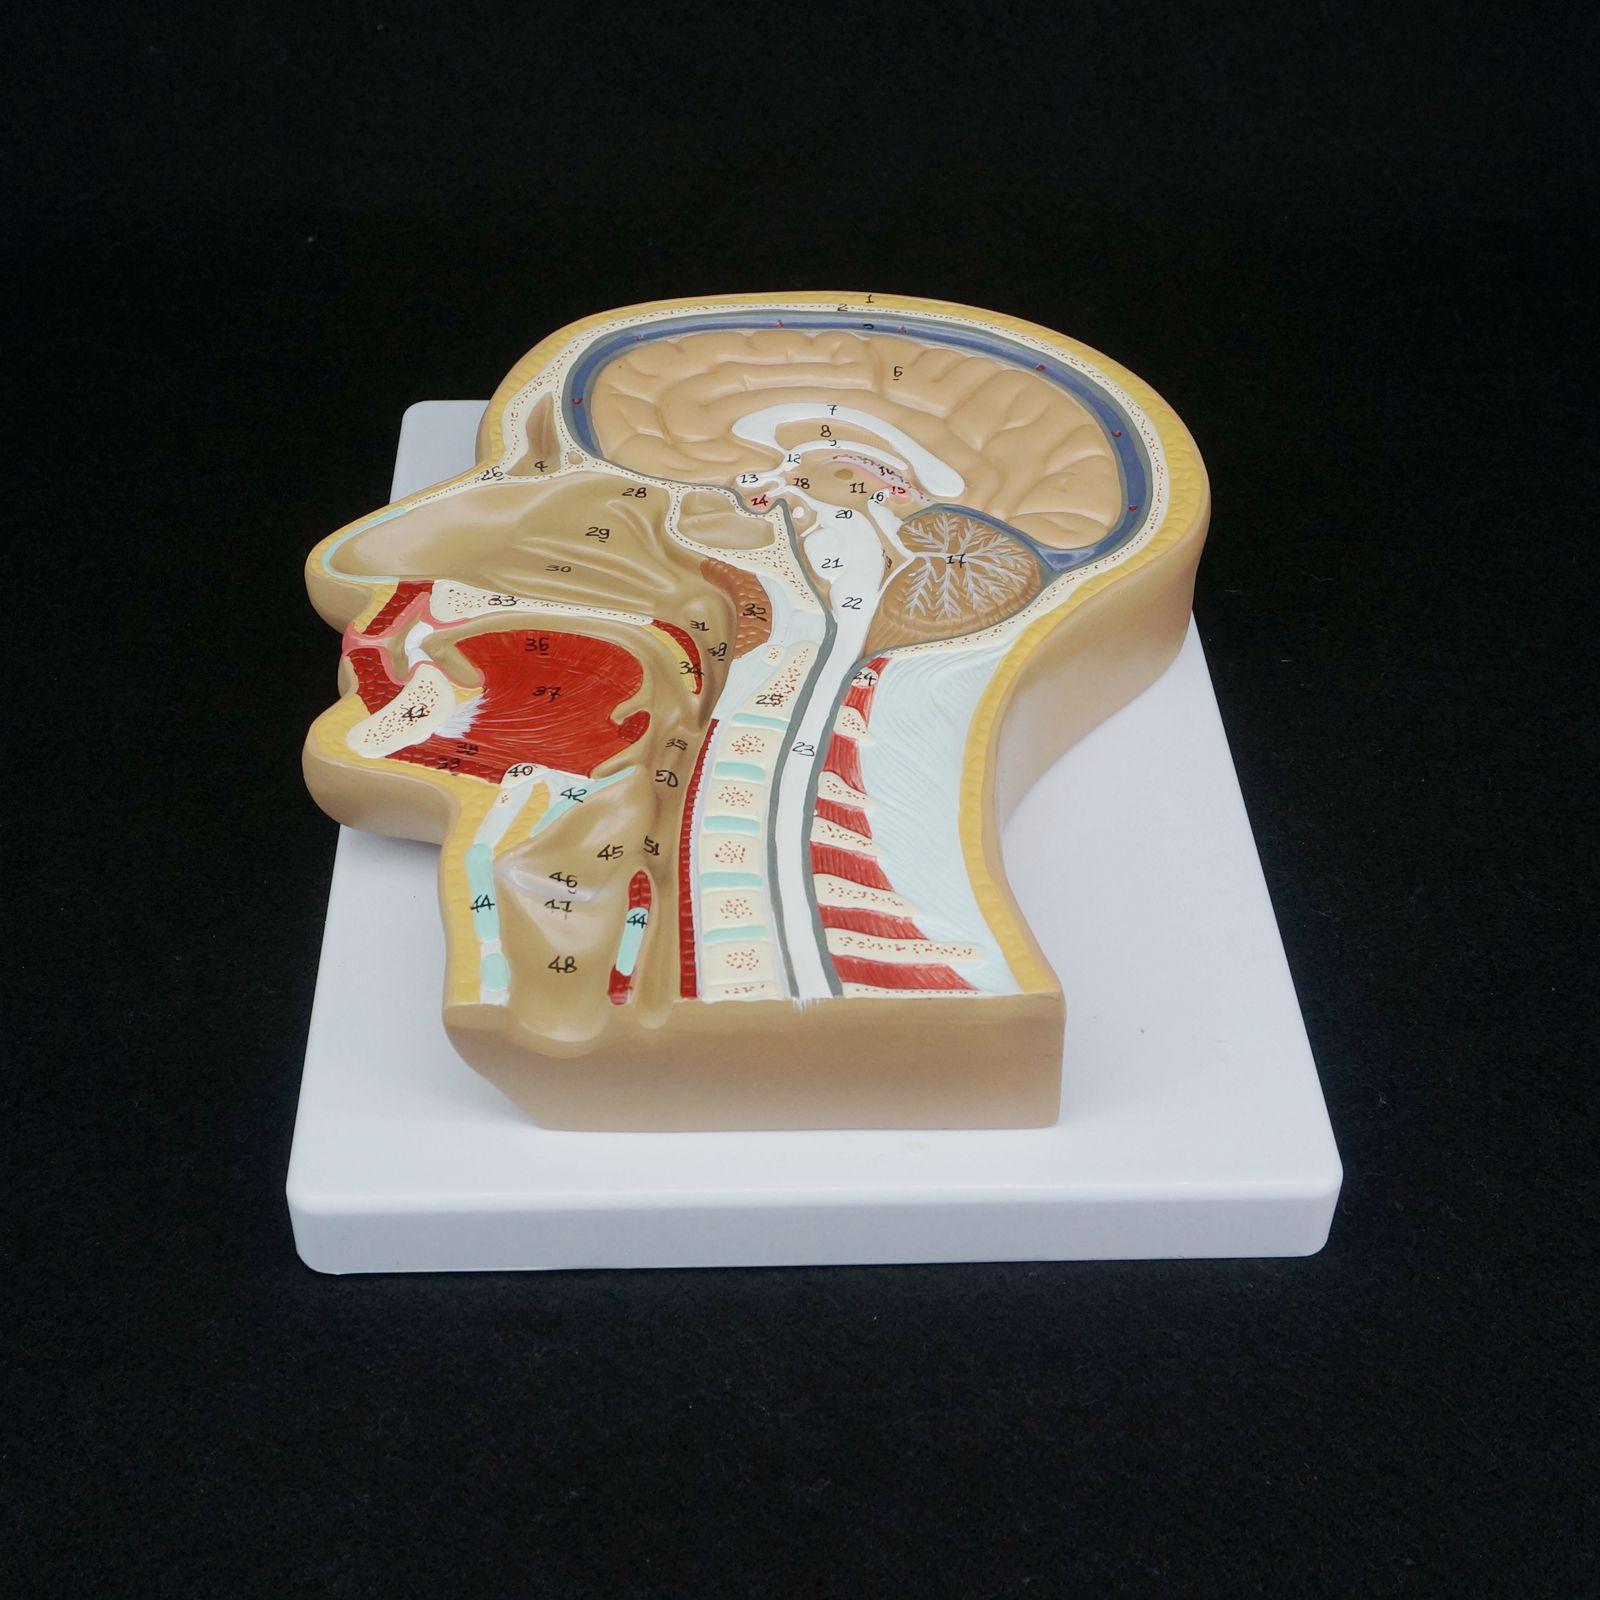 Menschlichen Median Abschnitt von Kopf Anatomisches Modell ...